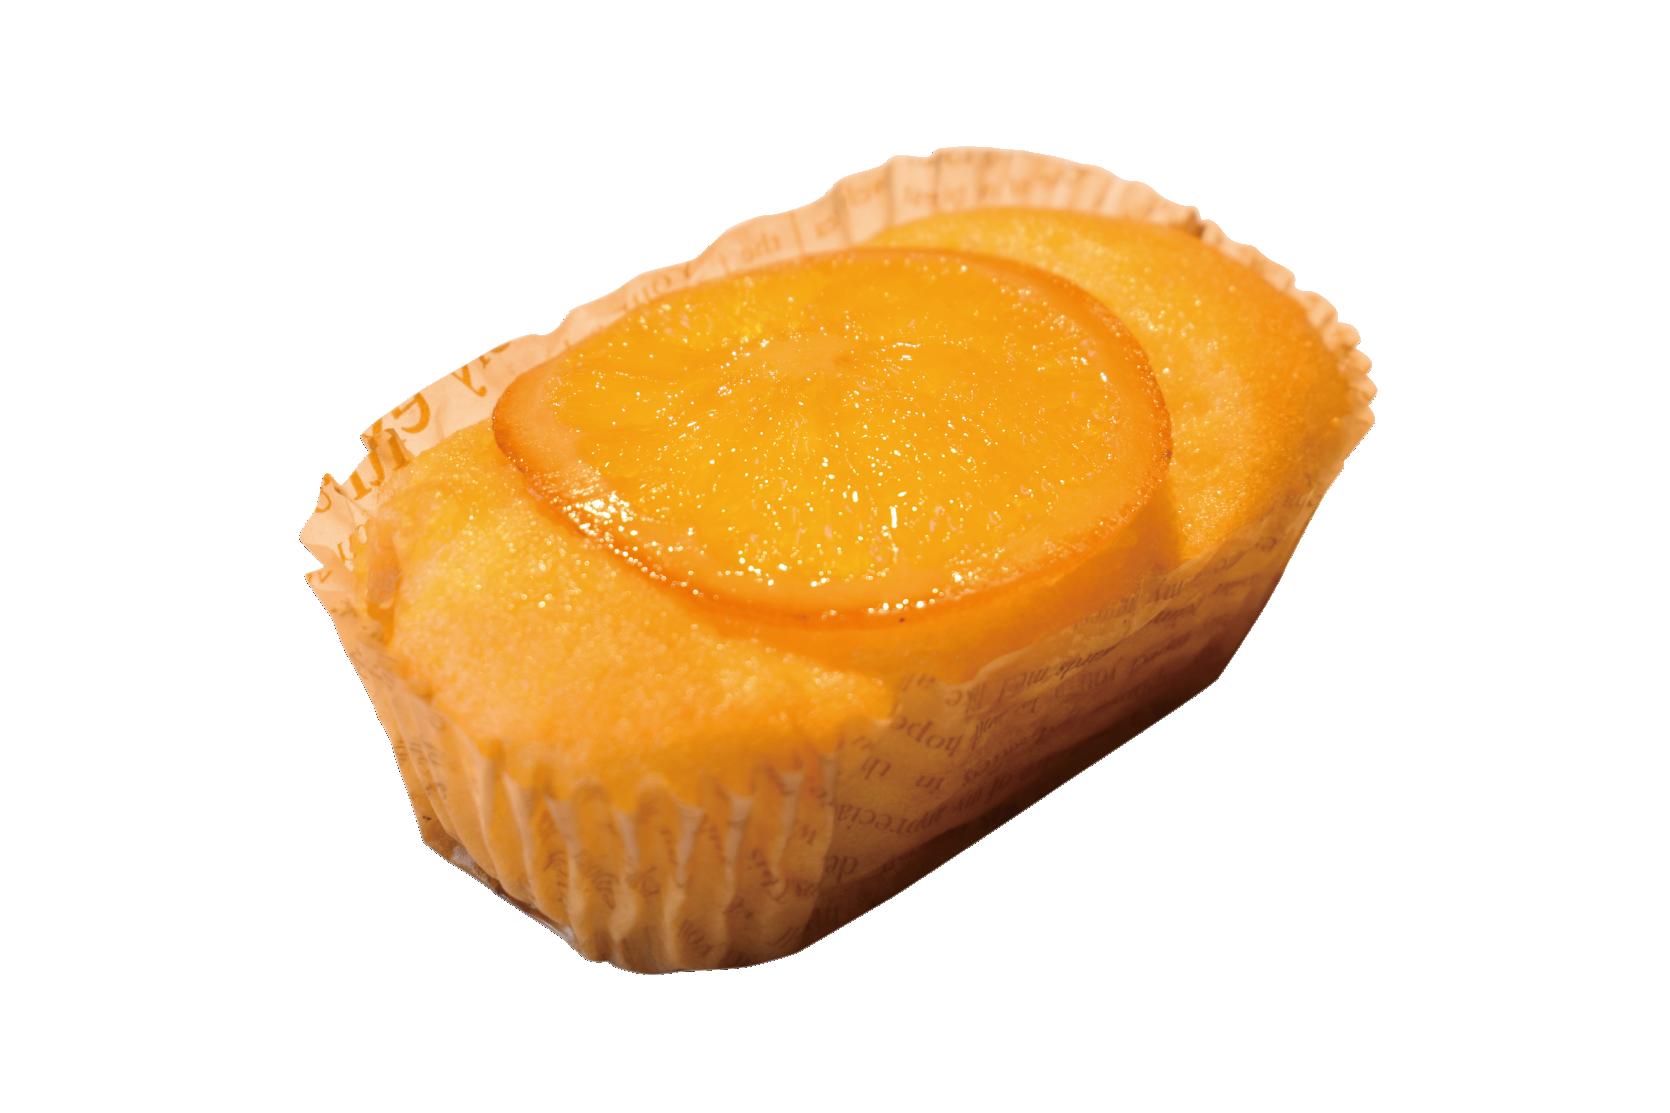 ヨンブンノヨンゆずとネーブルオレンジケーキ中身